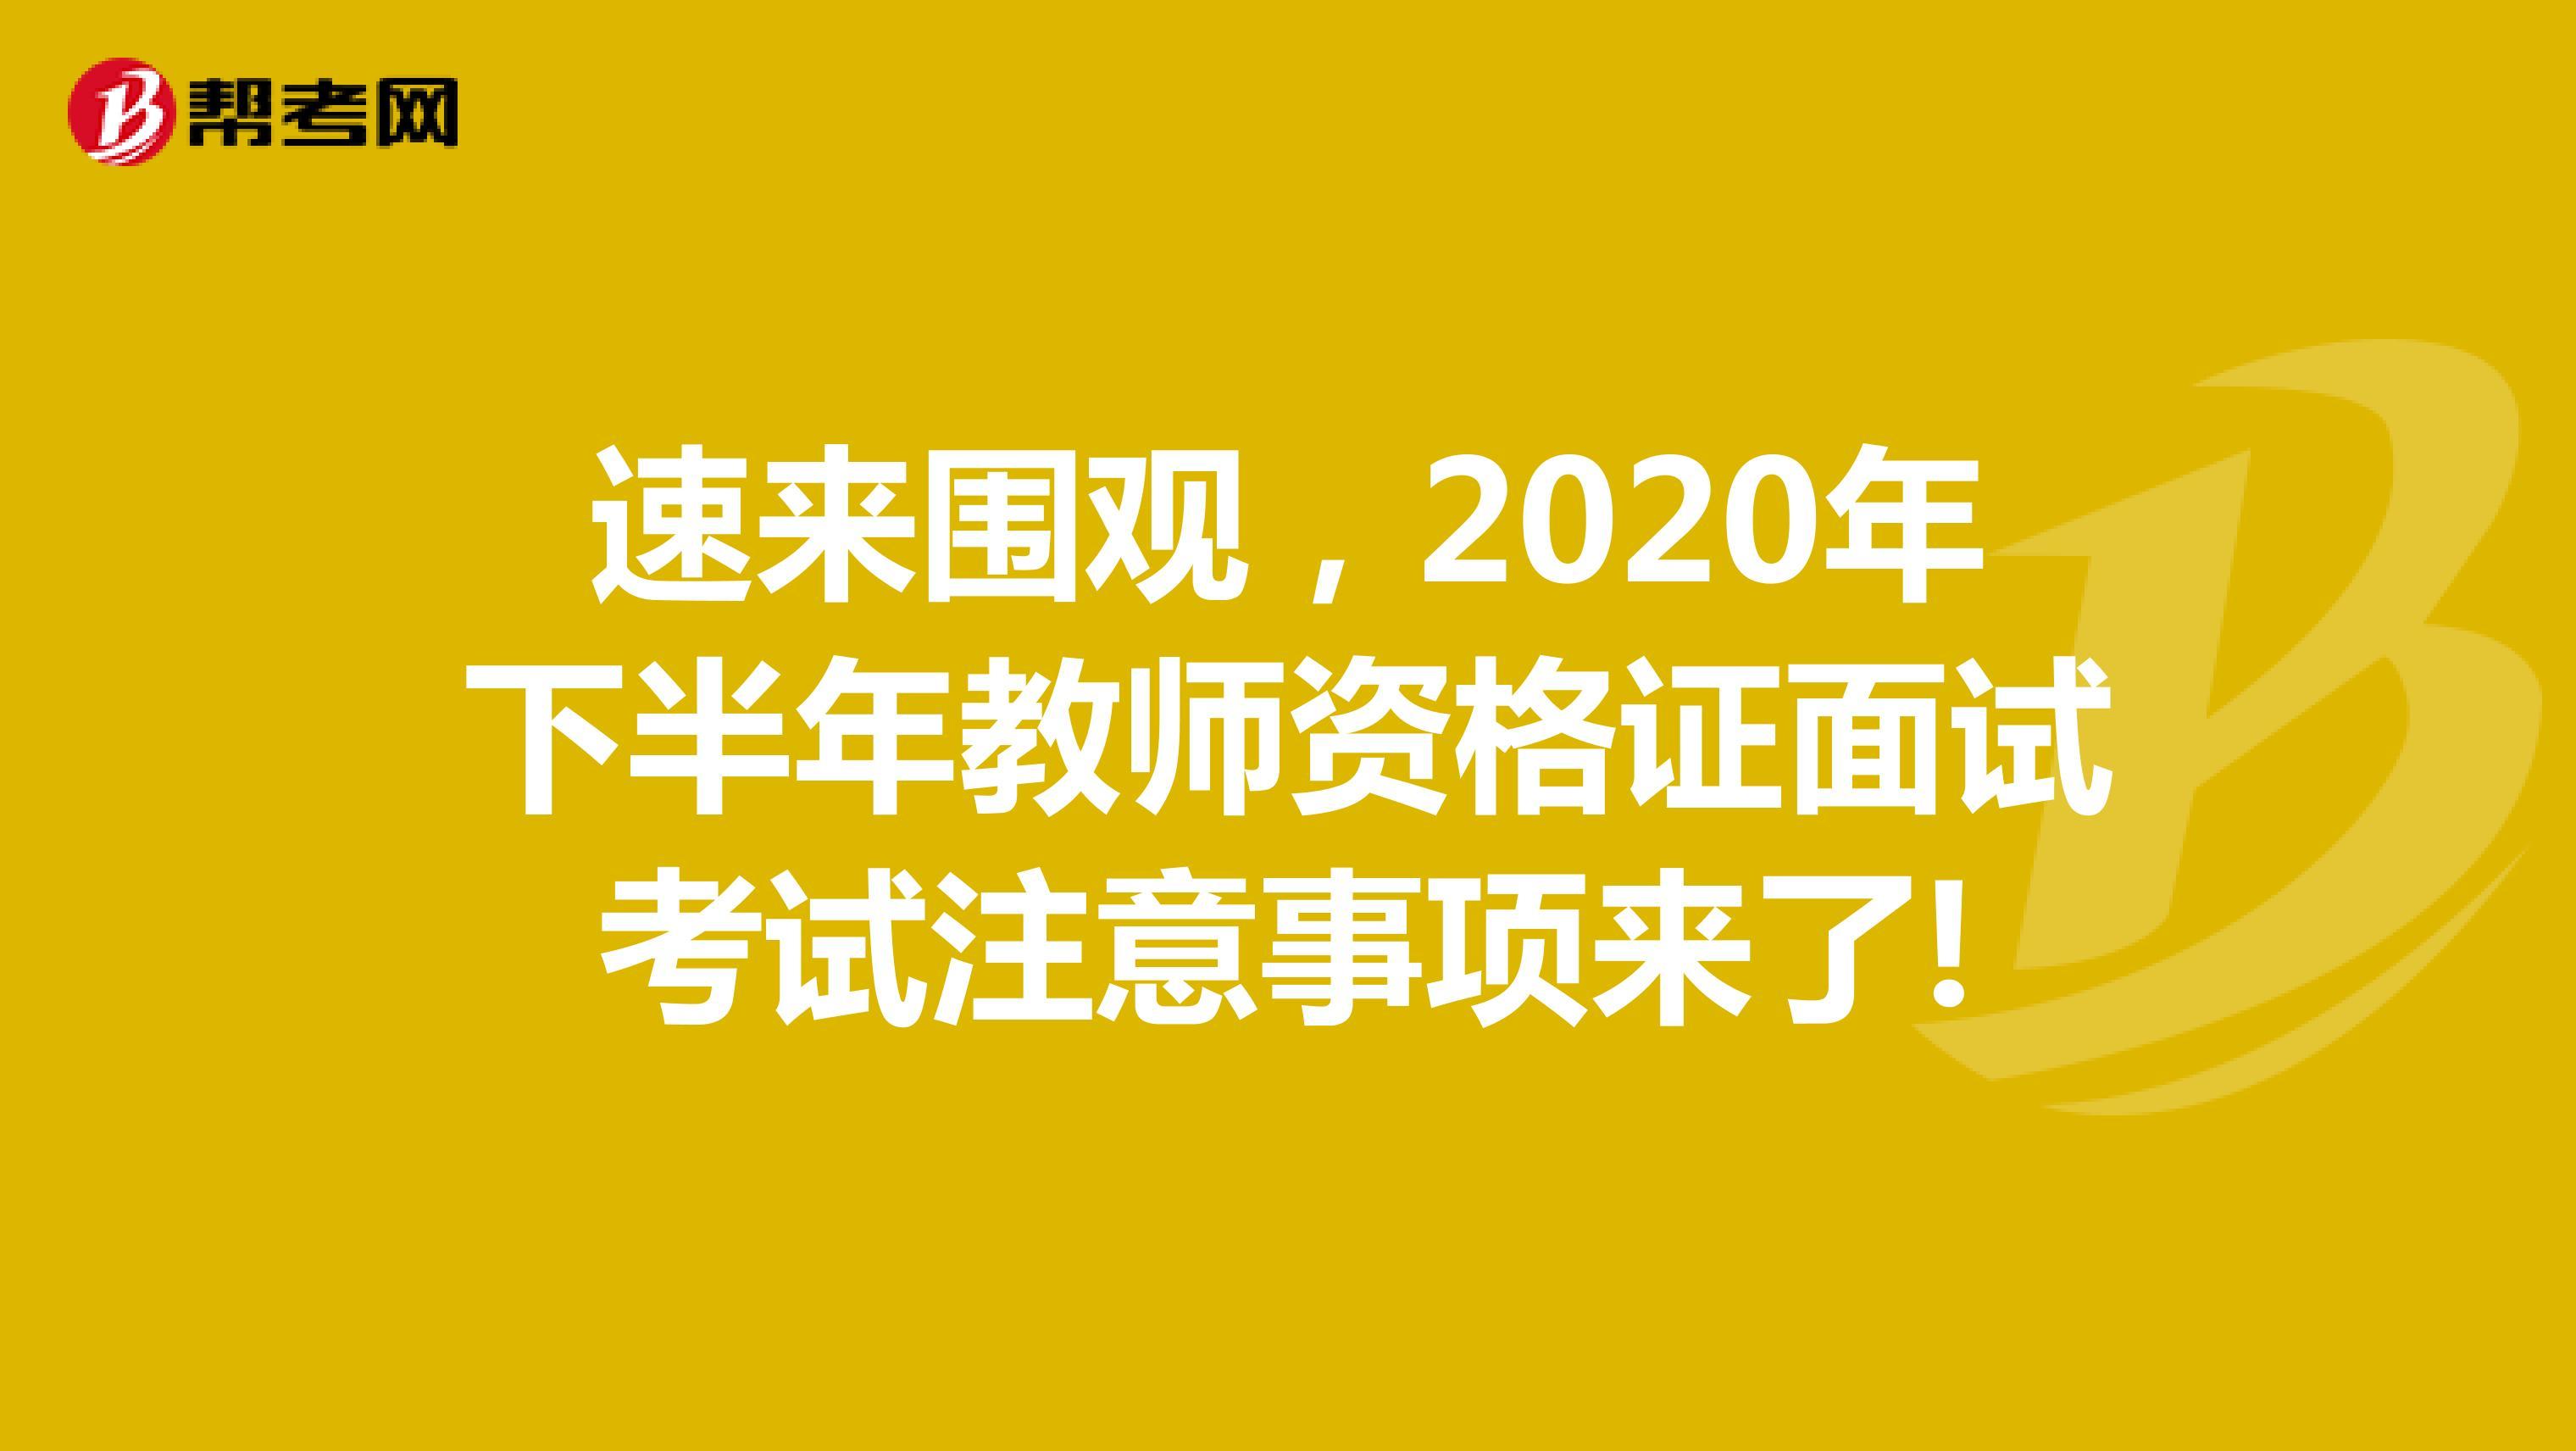 速来围观,2020下半年教师资格证面试考试注意事项来了!